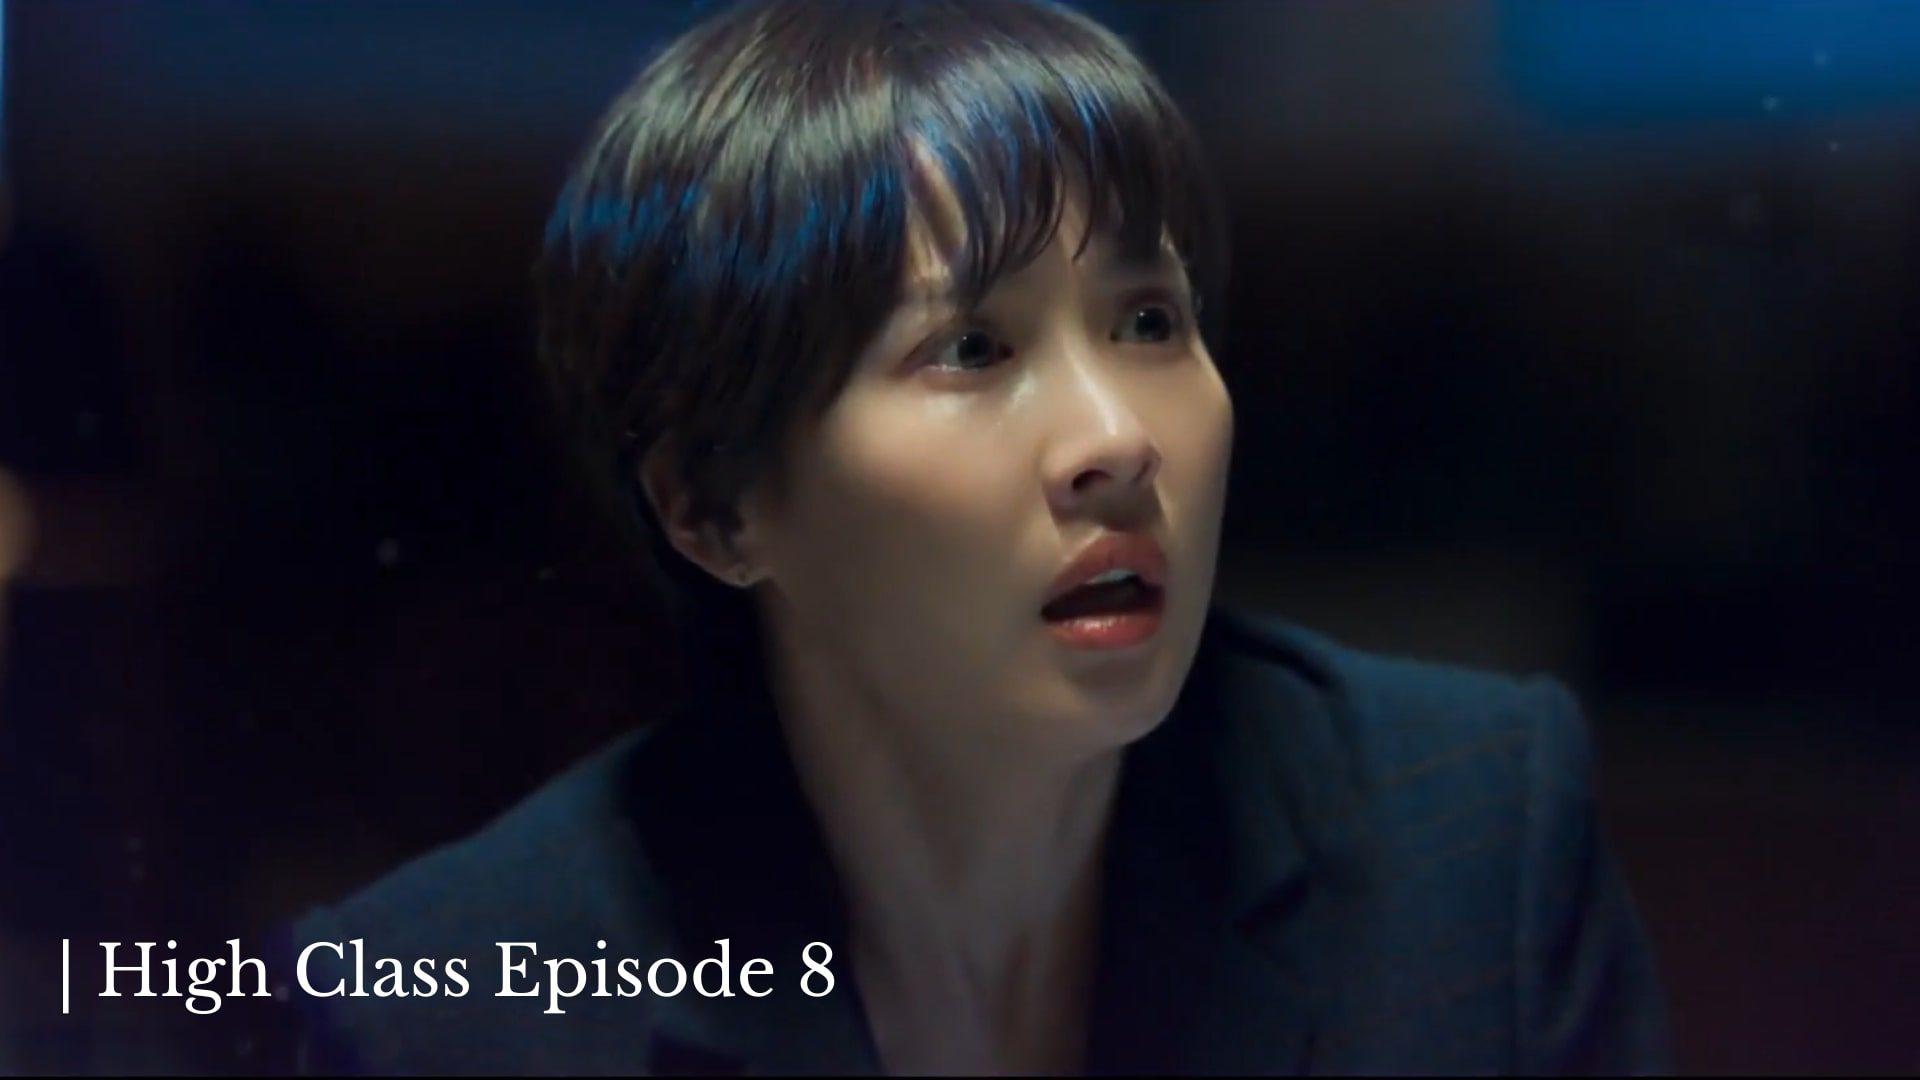 High Class Episode 8